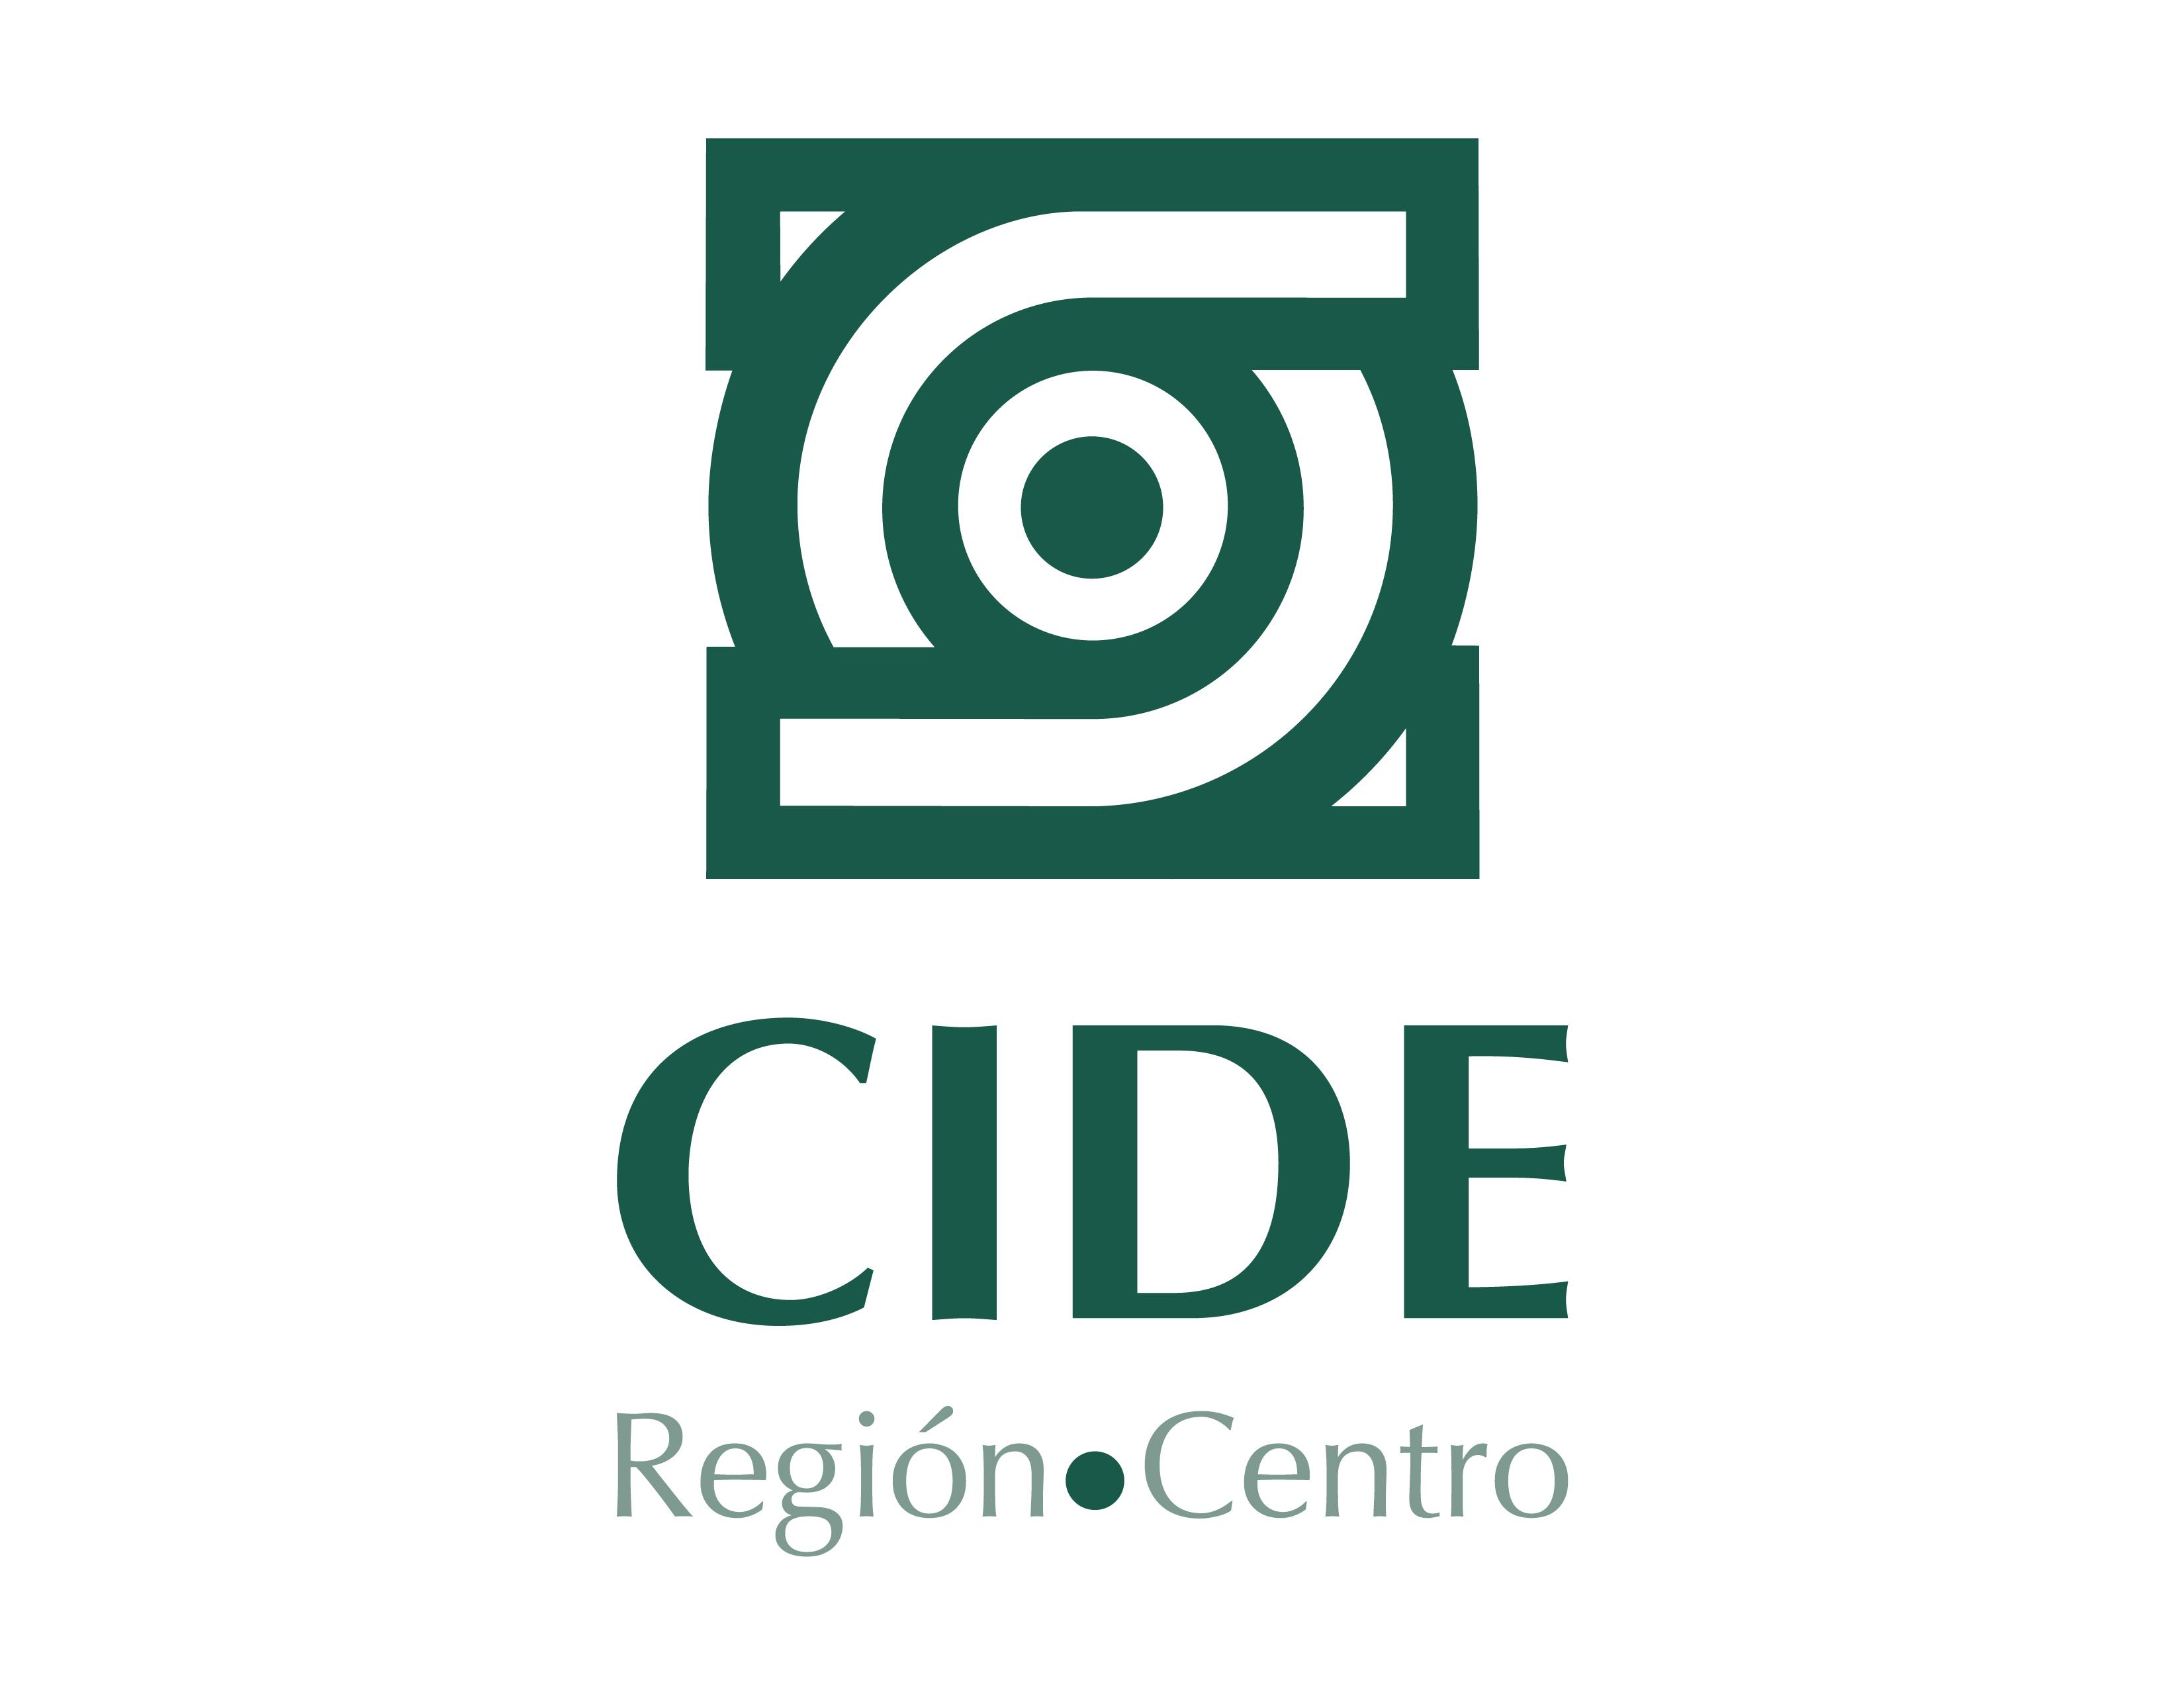 Cide Logo Logos Rates